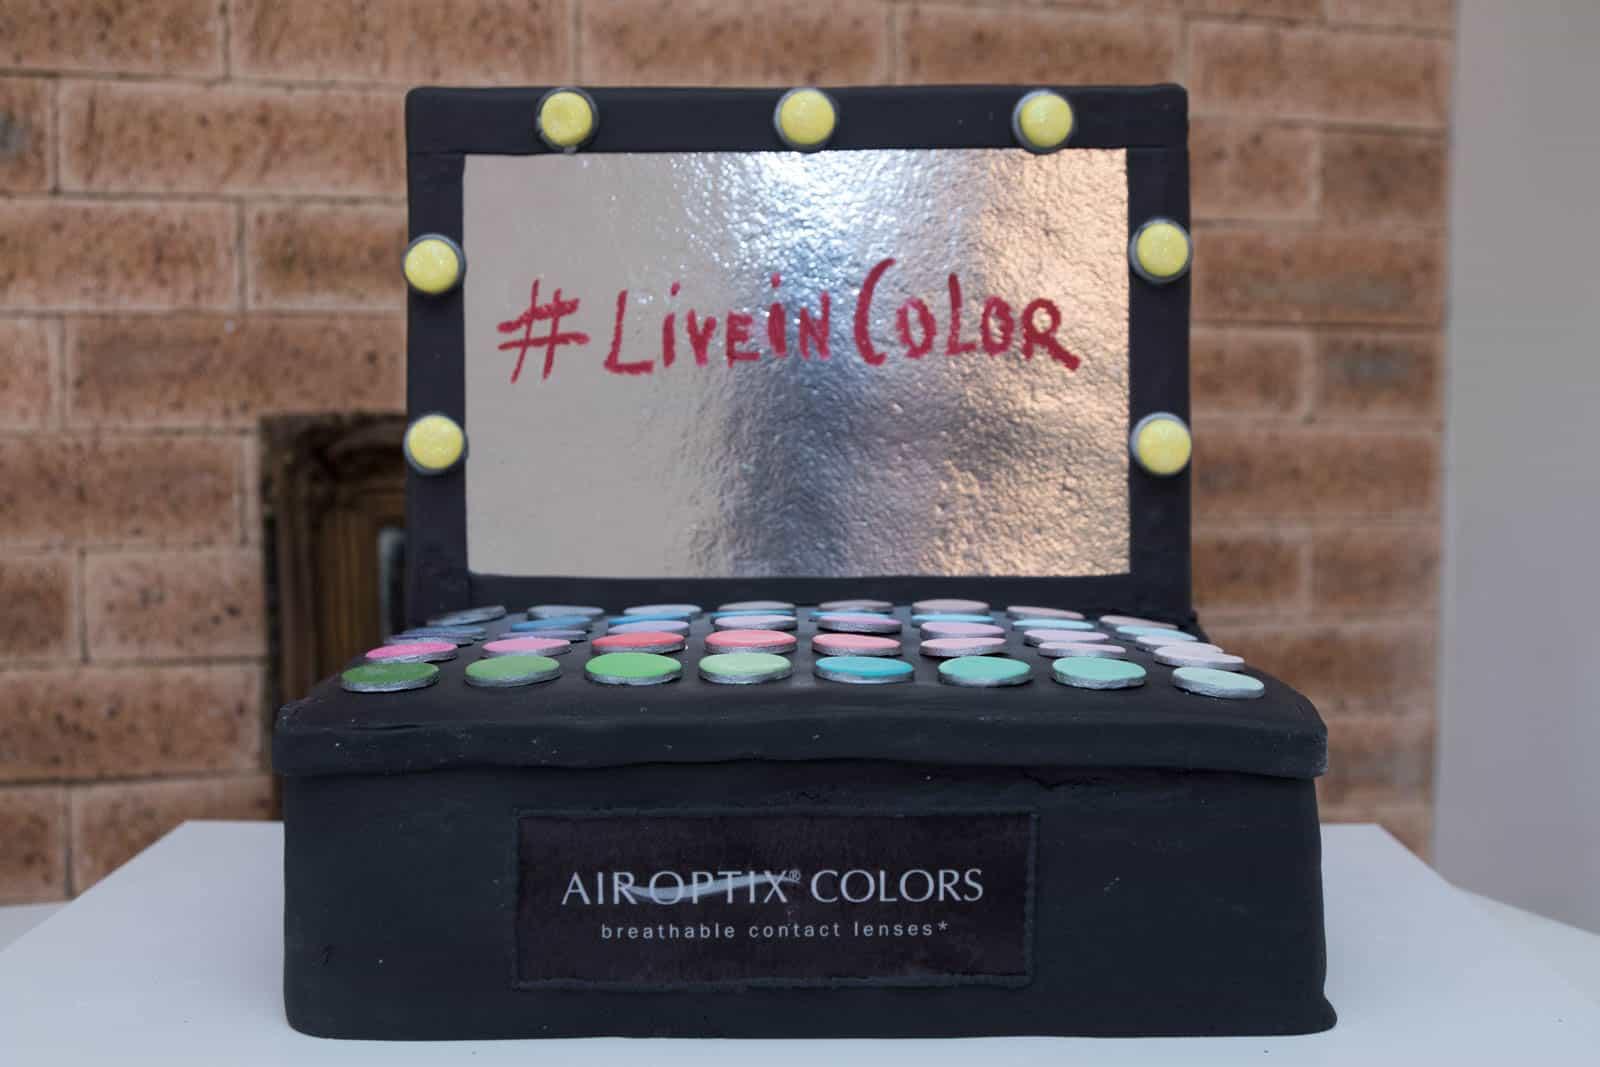 28f6ce6a8c Detalhe  As lentes Air Optix Colors são vendidas por um preço médio de  R 109 por par